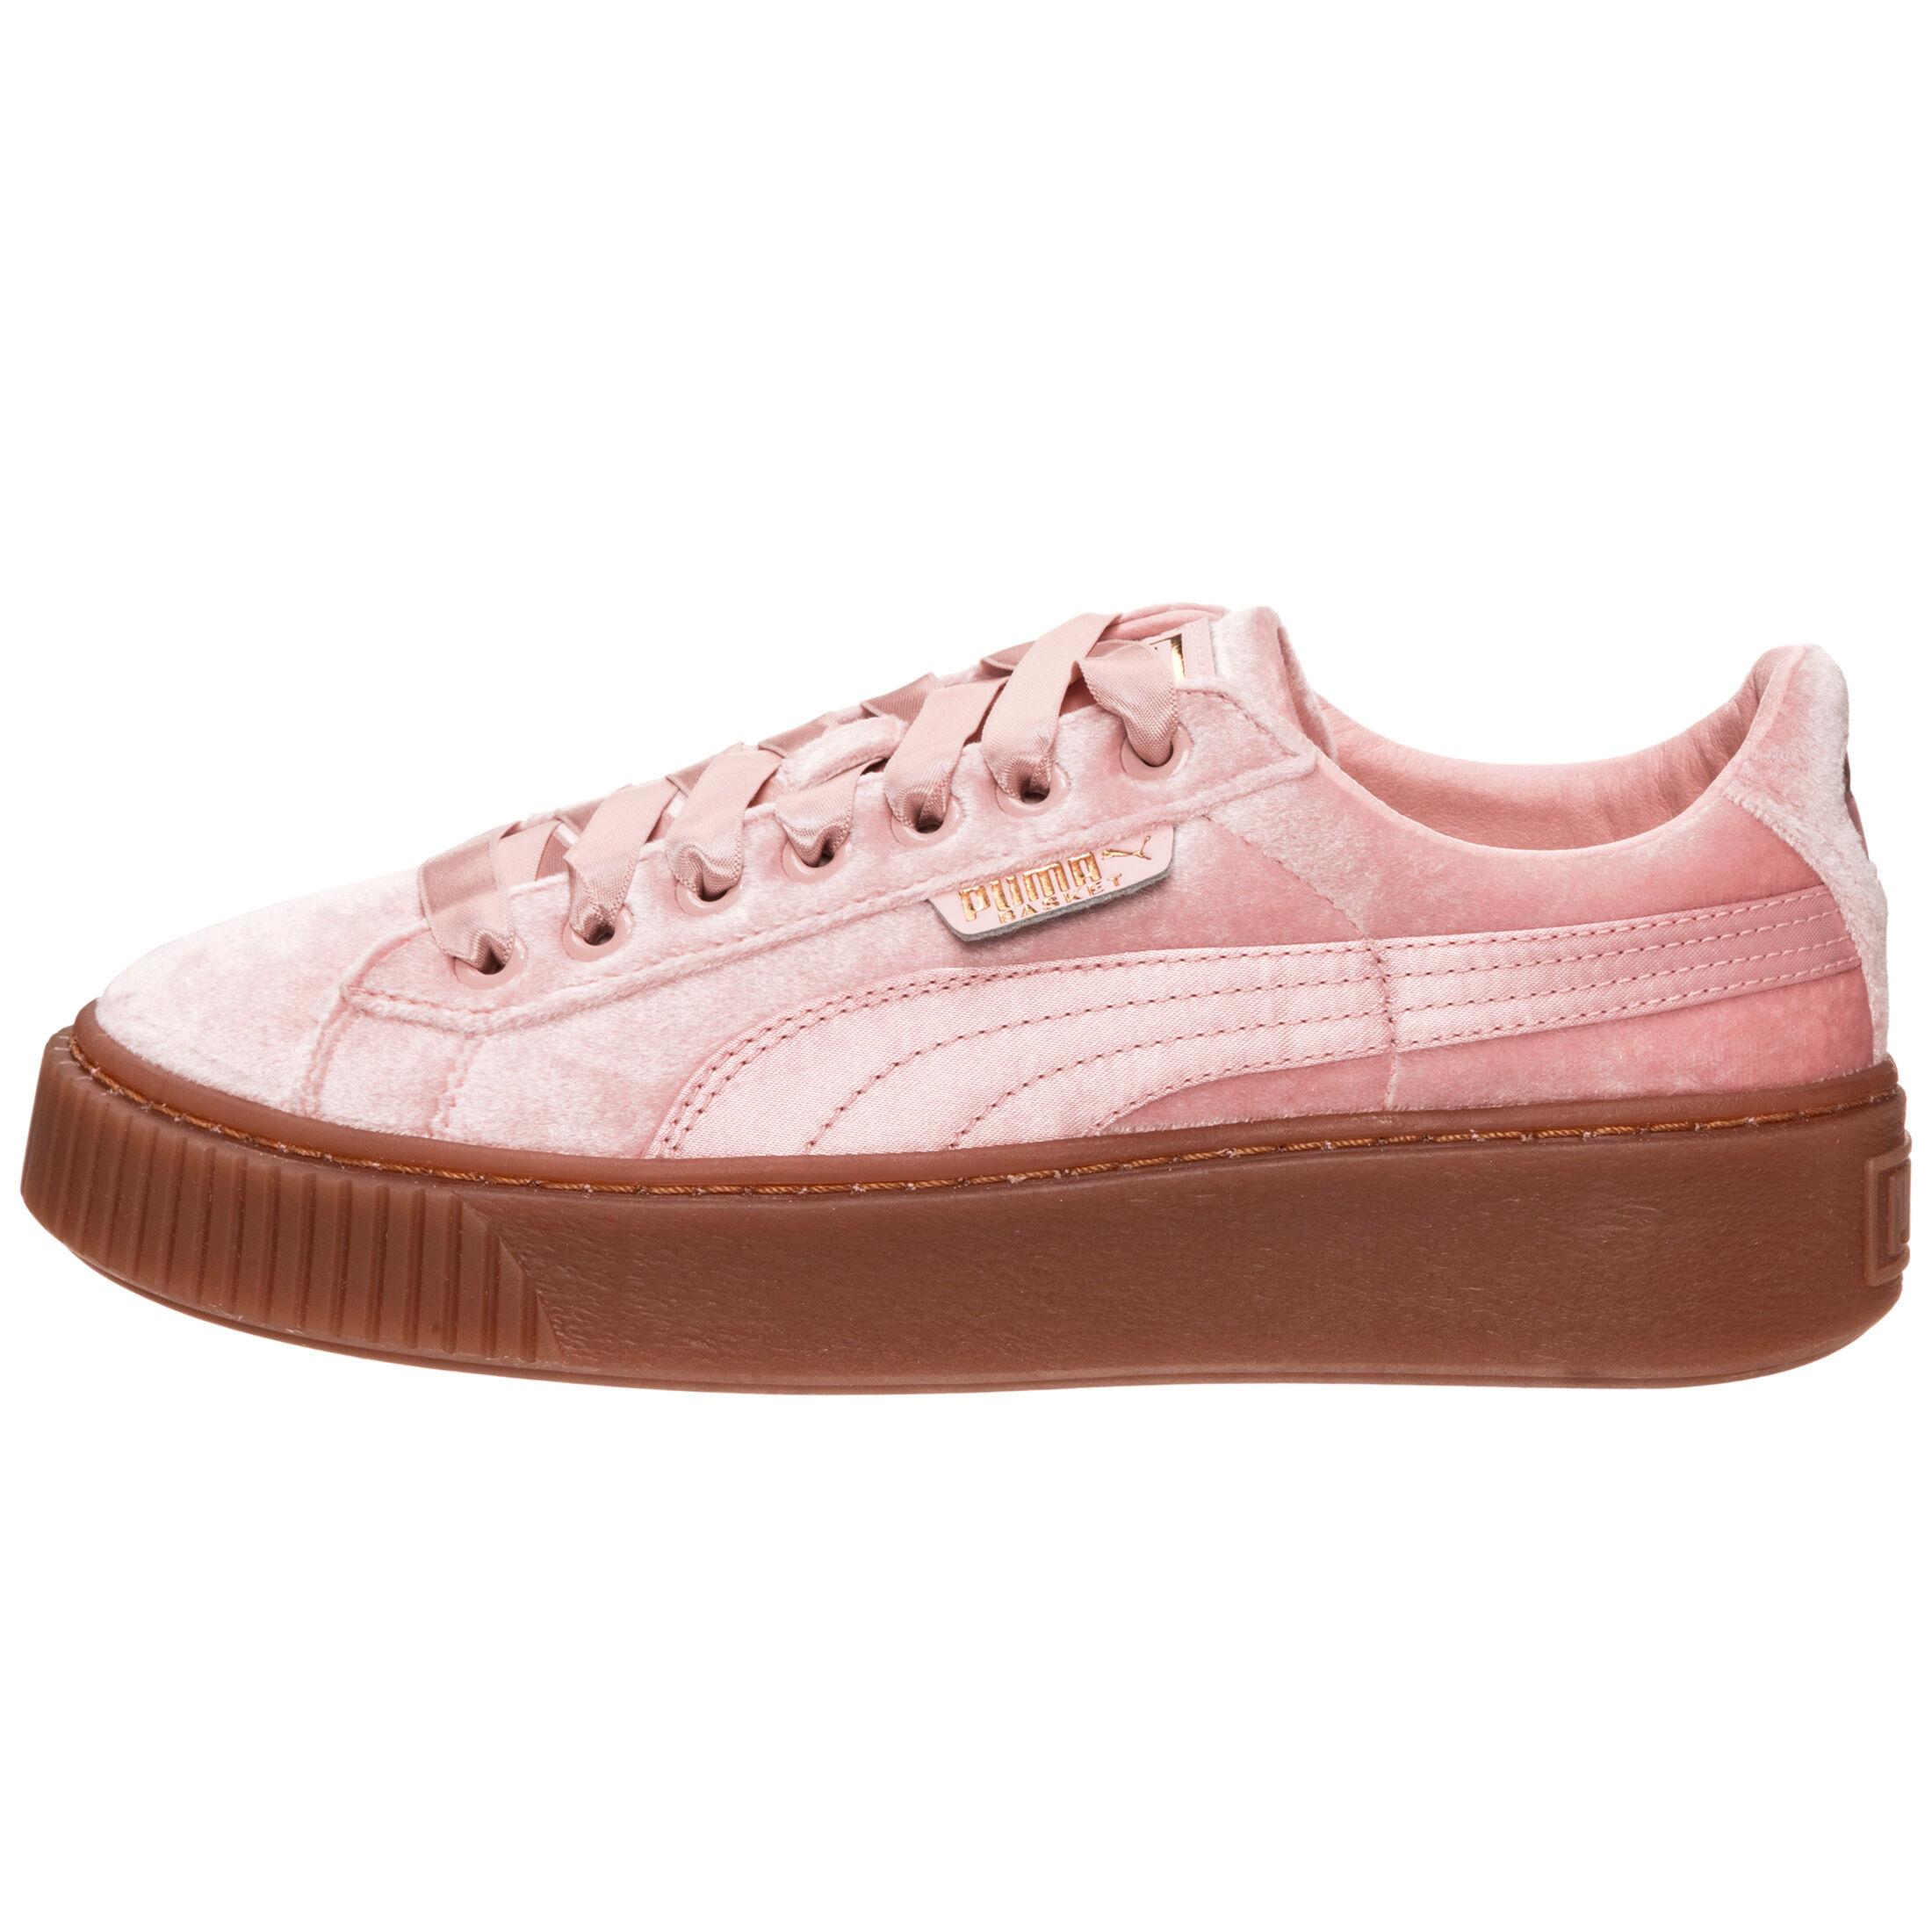 Platform' Puma Sneaker In Kaufen Samt Rosé 'basket Aus